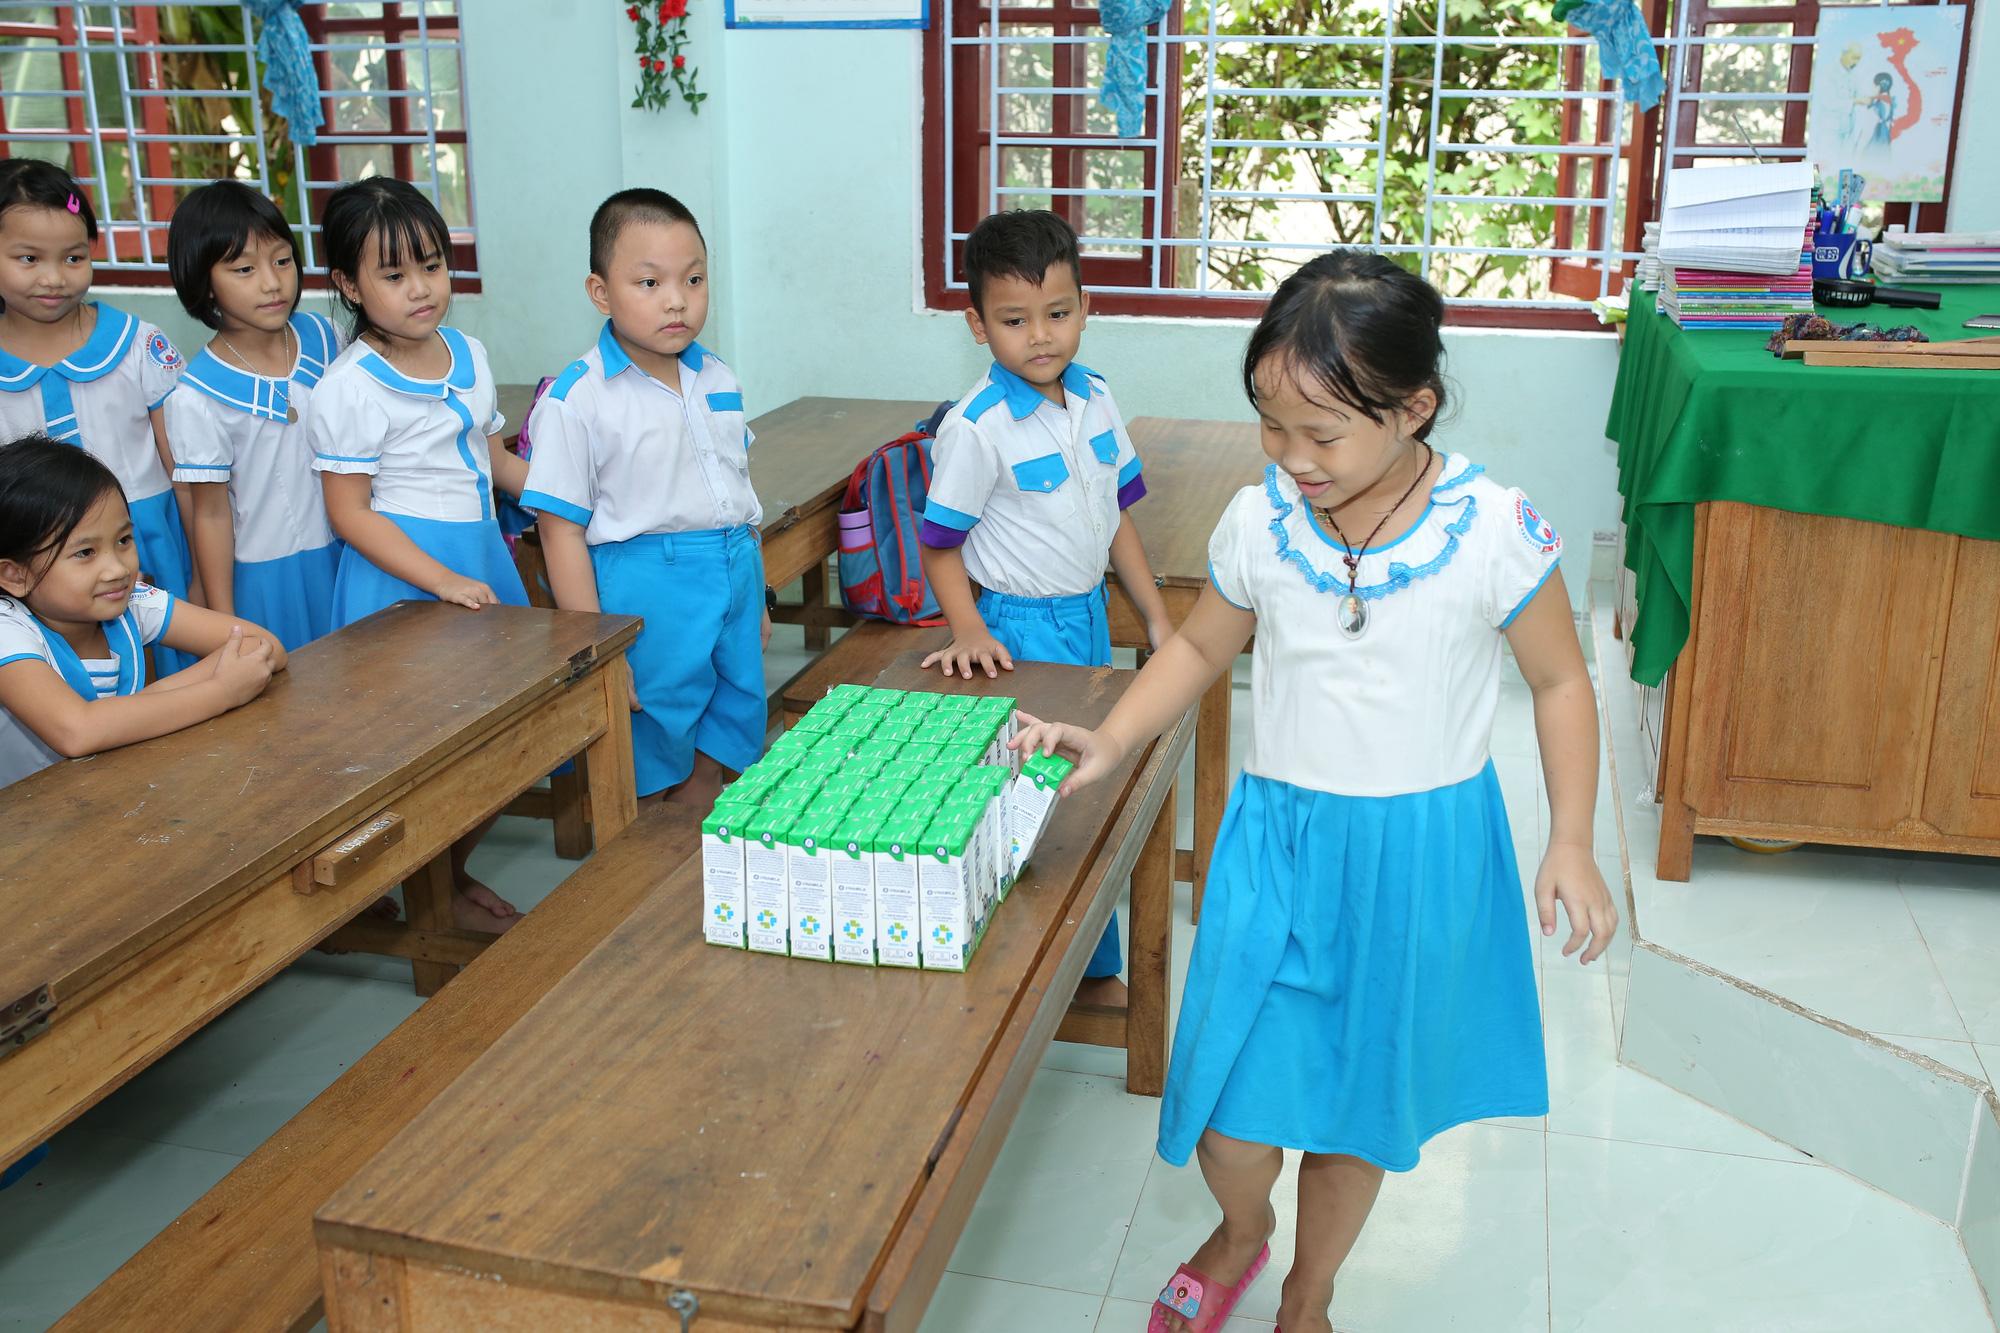 Sữa học đường sẵn sàng cho ngày tựu trường năm học mới - Ảnh 3.